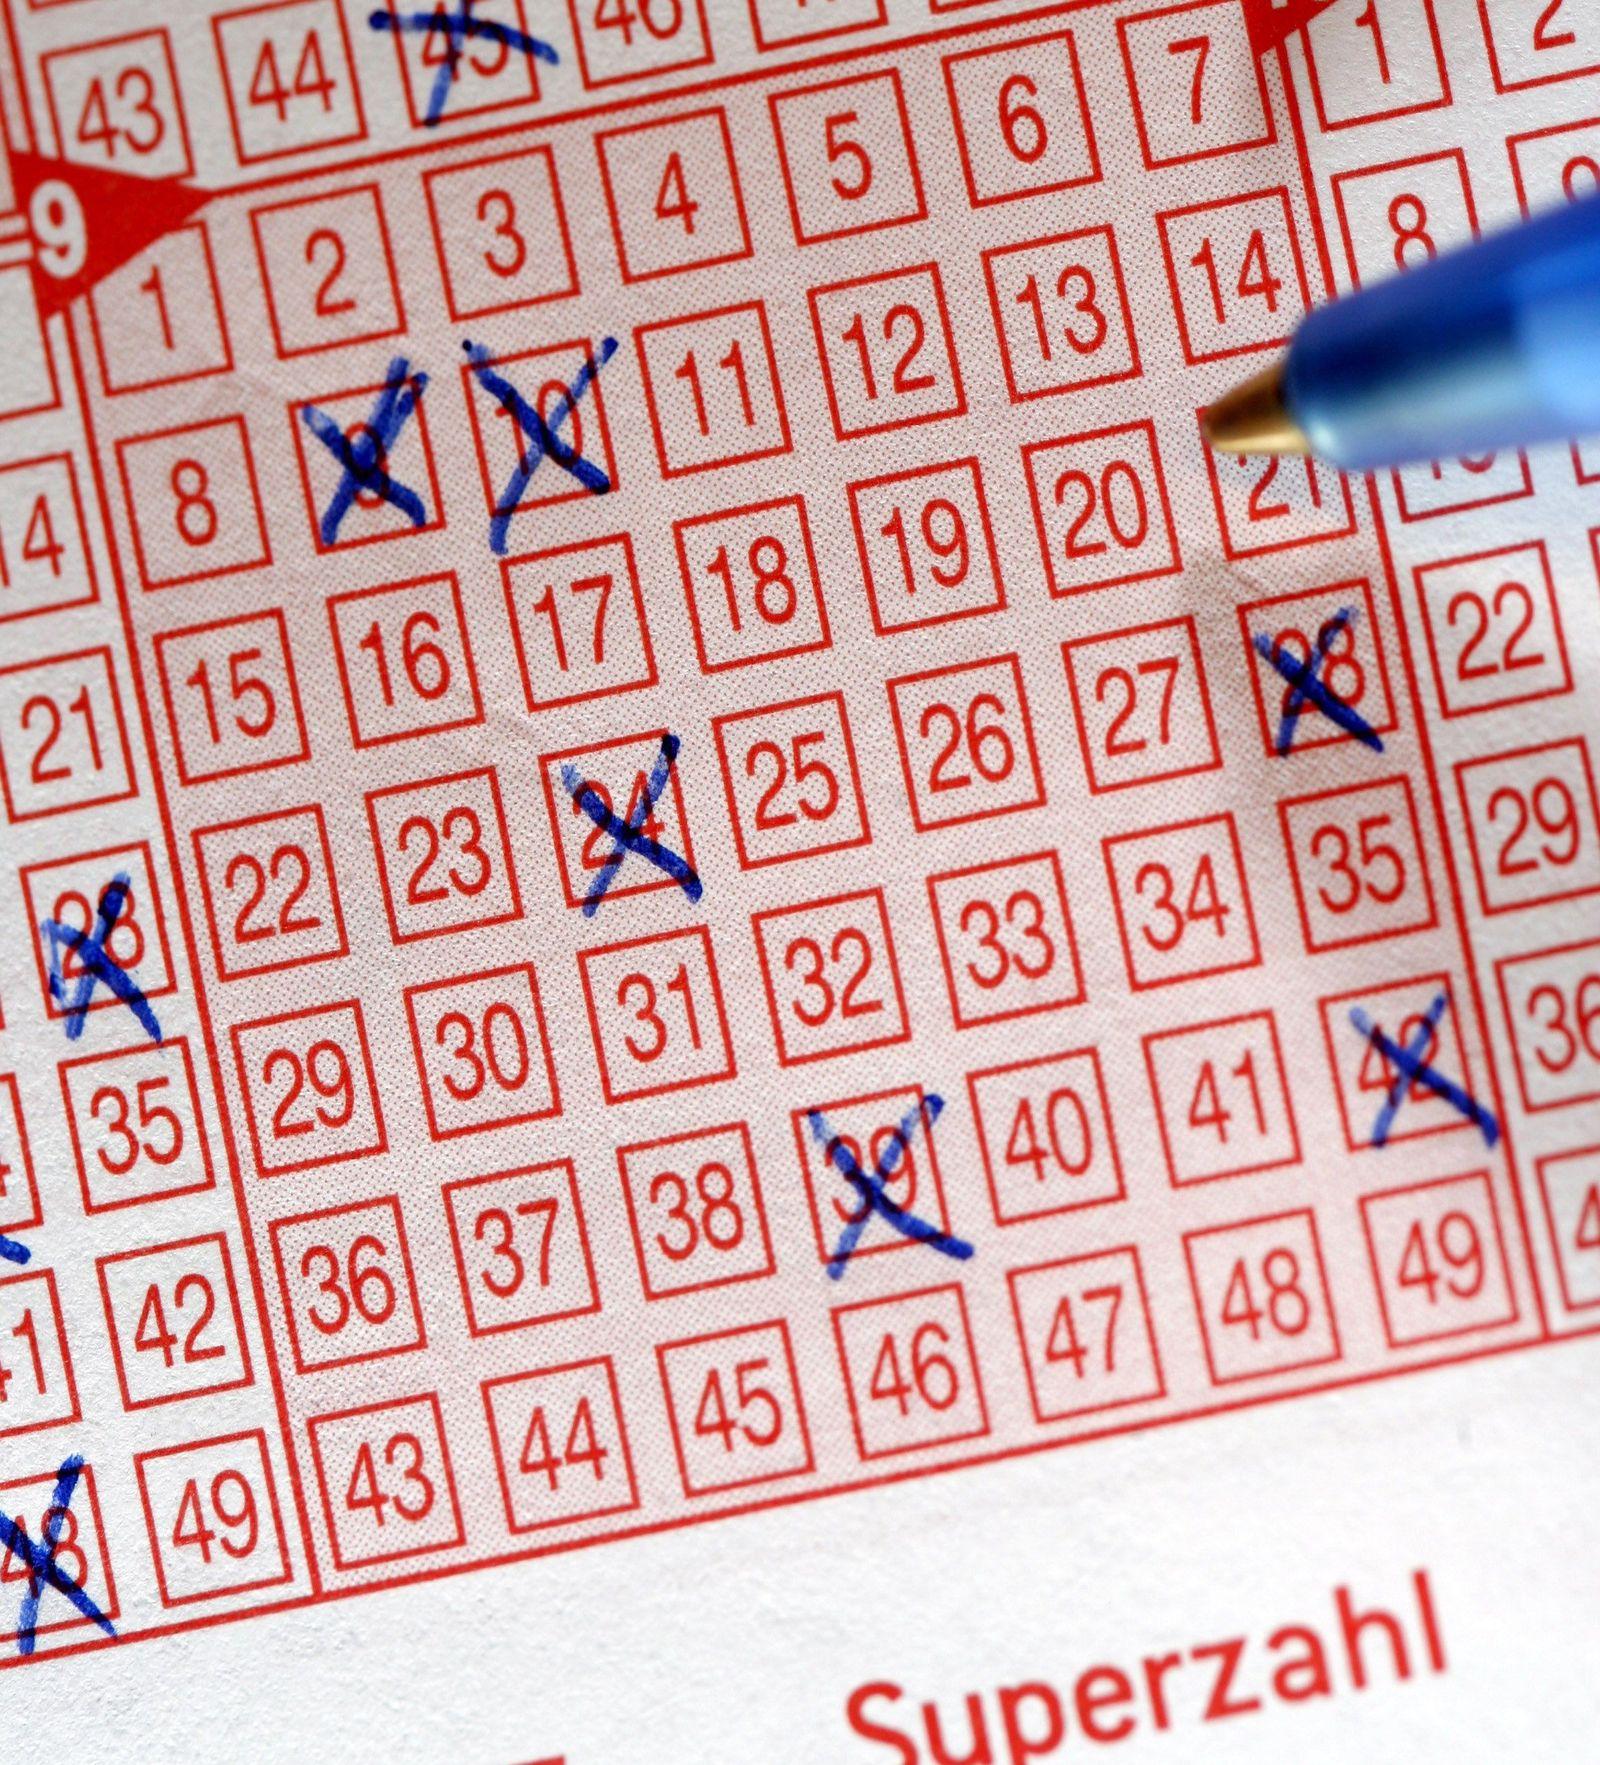 Lottoschein